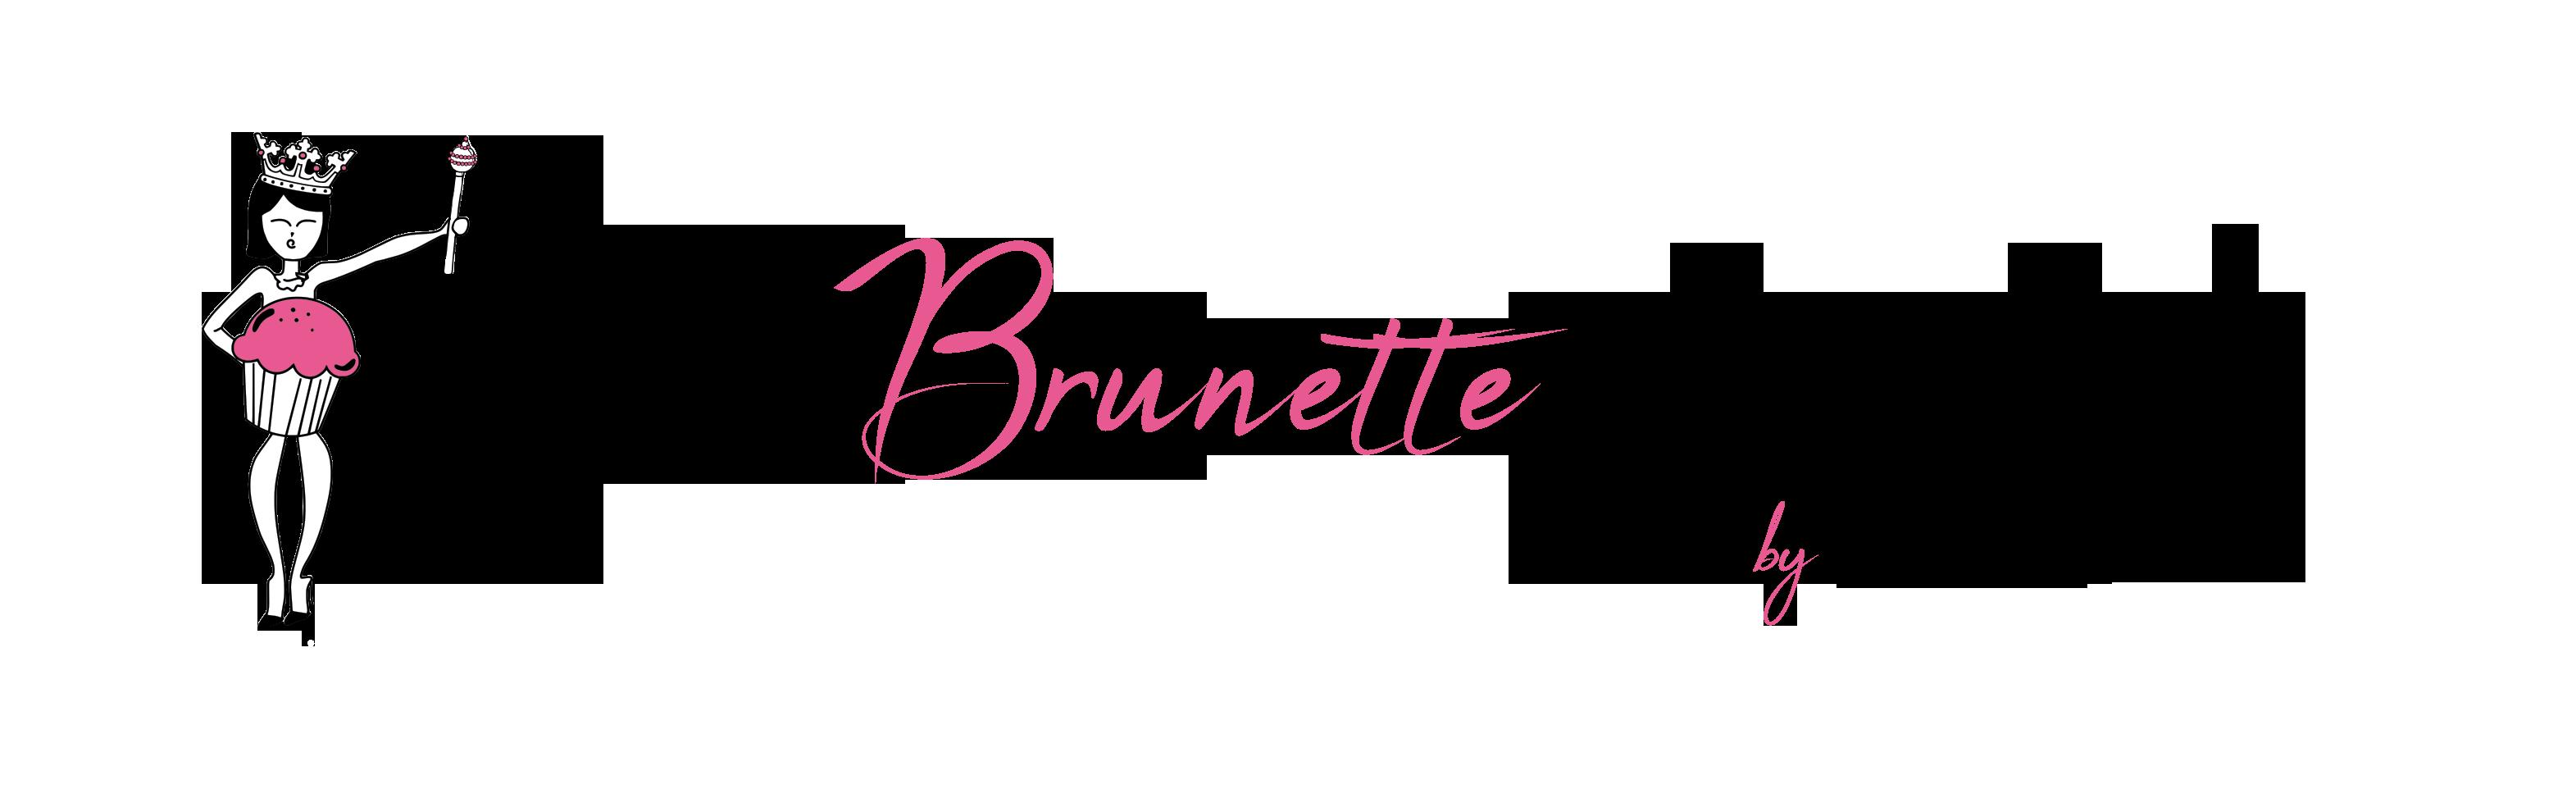 The Brunette Cupcake – by Eleonora Rocca